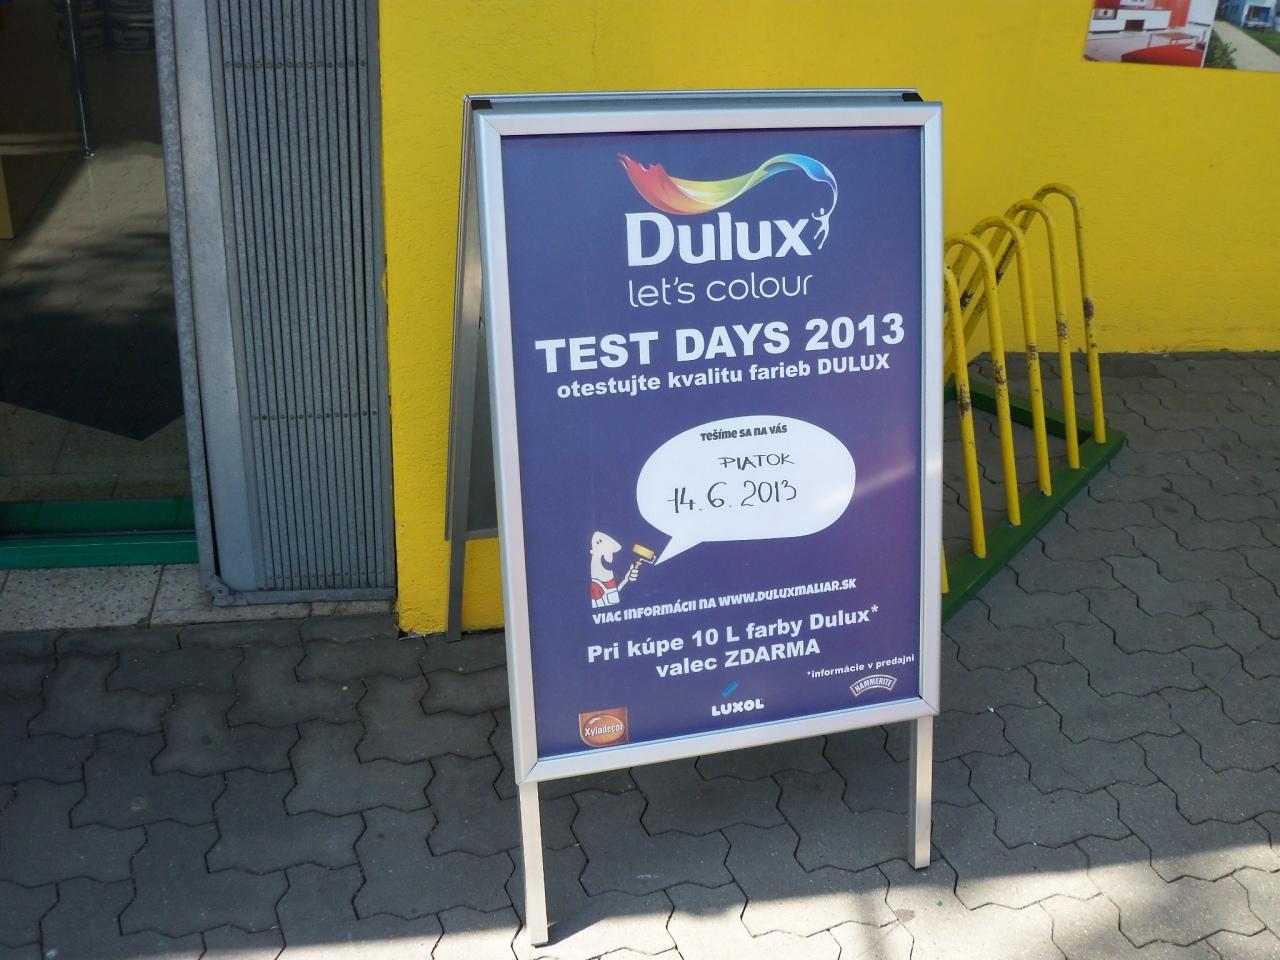 DULUX TEST DAYS 14.6.2013 - FARLESK Bratislava